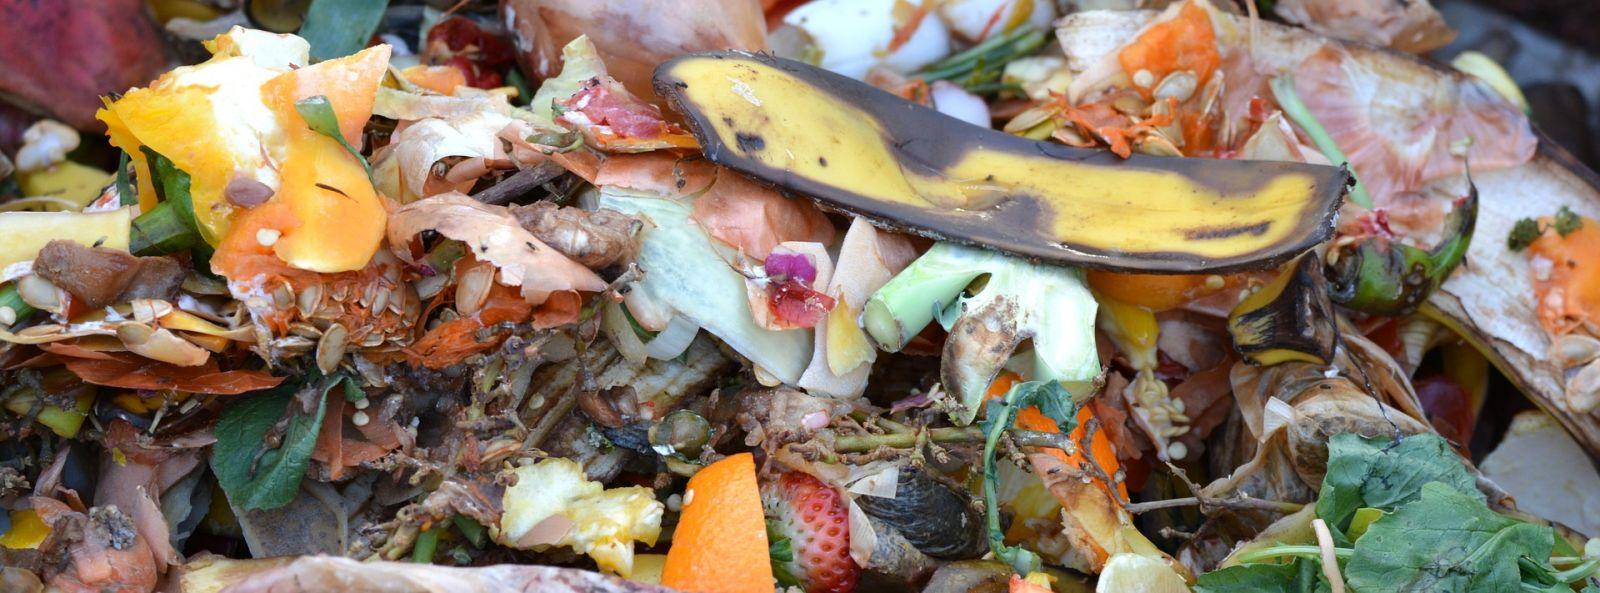 Composter sans mauvaises odeurs  Est-ce vraiment Possible ?